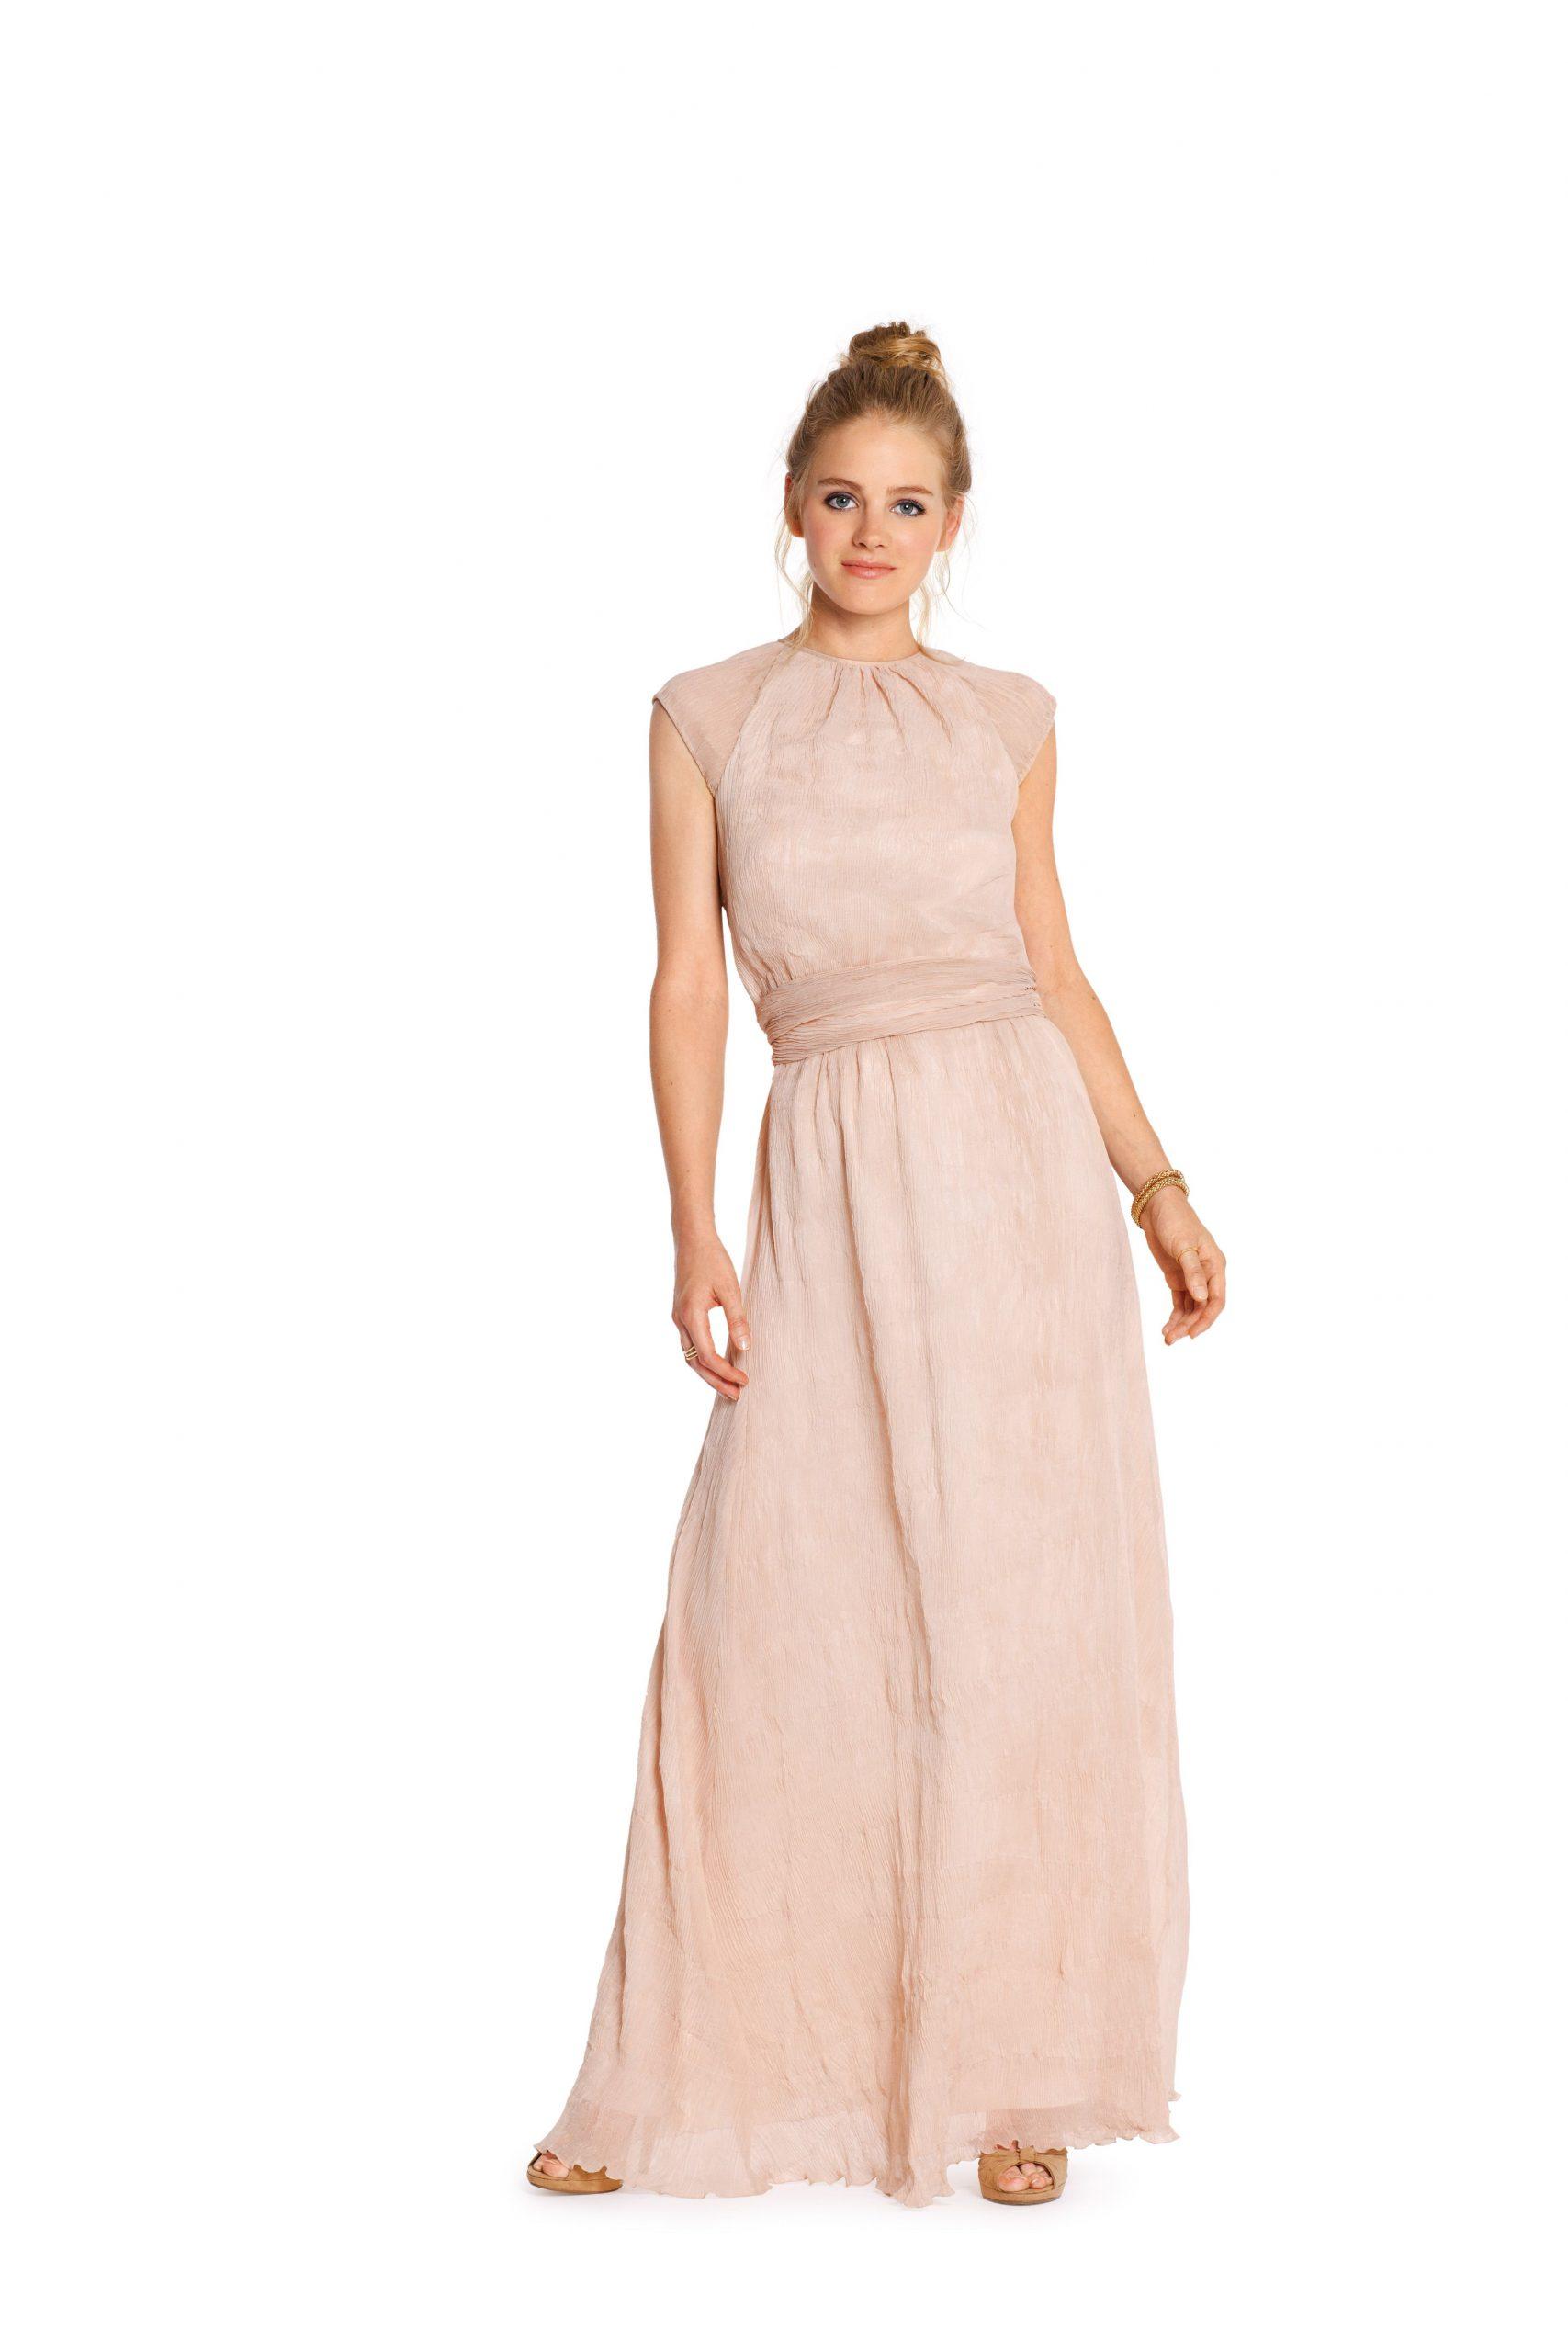 17 Ausgezeichnet Abendkleid Nähen für 201910 Top Abendkleid Nähen Stylish